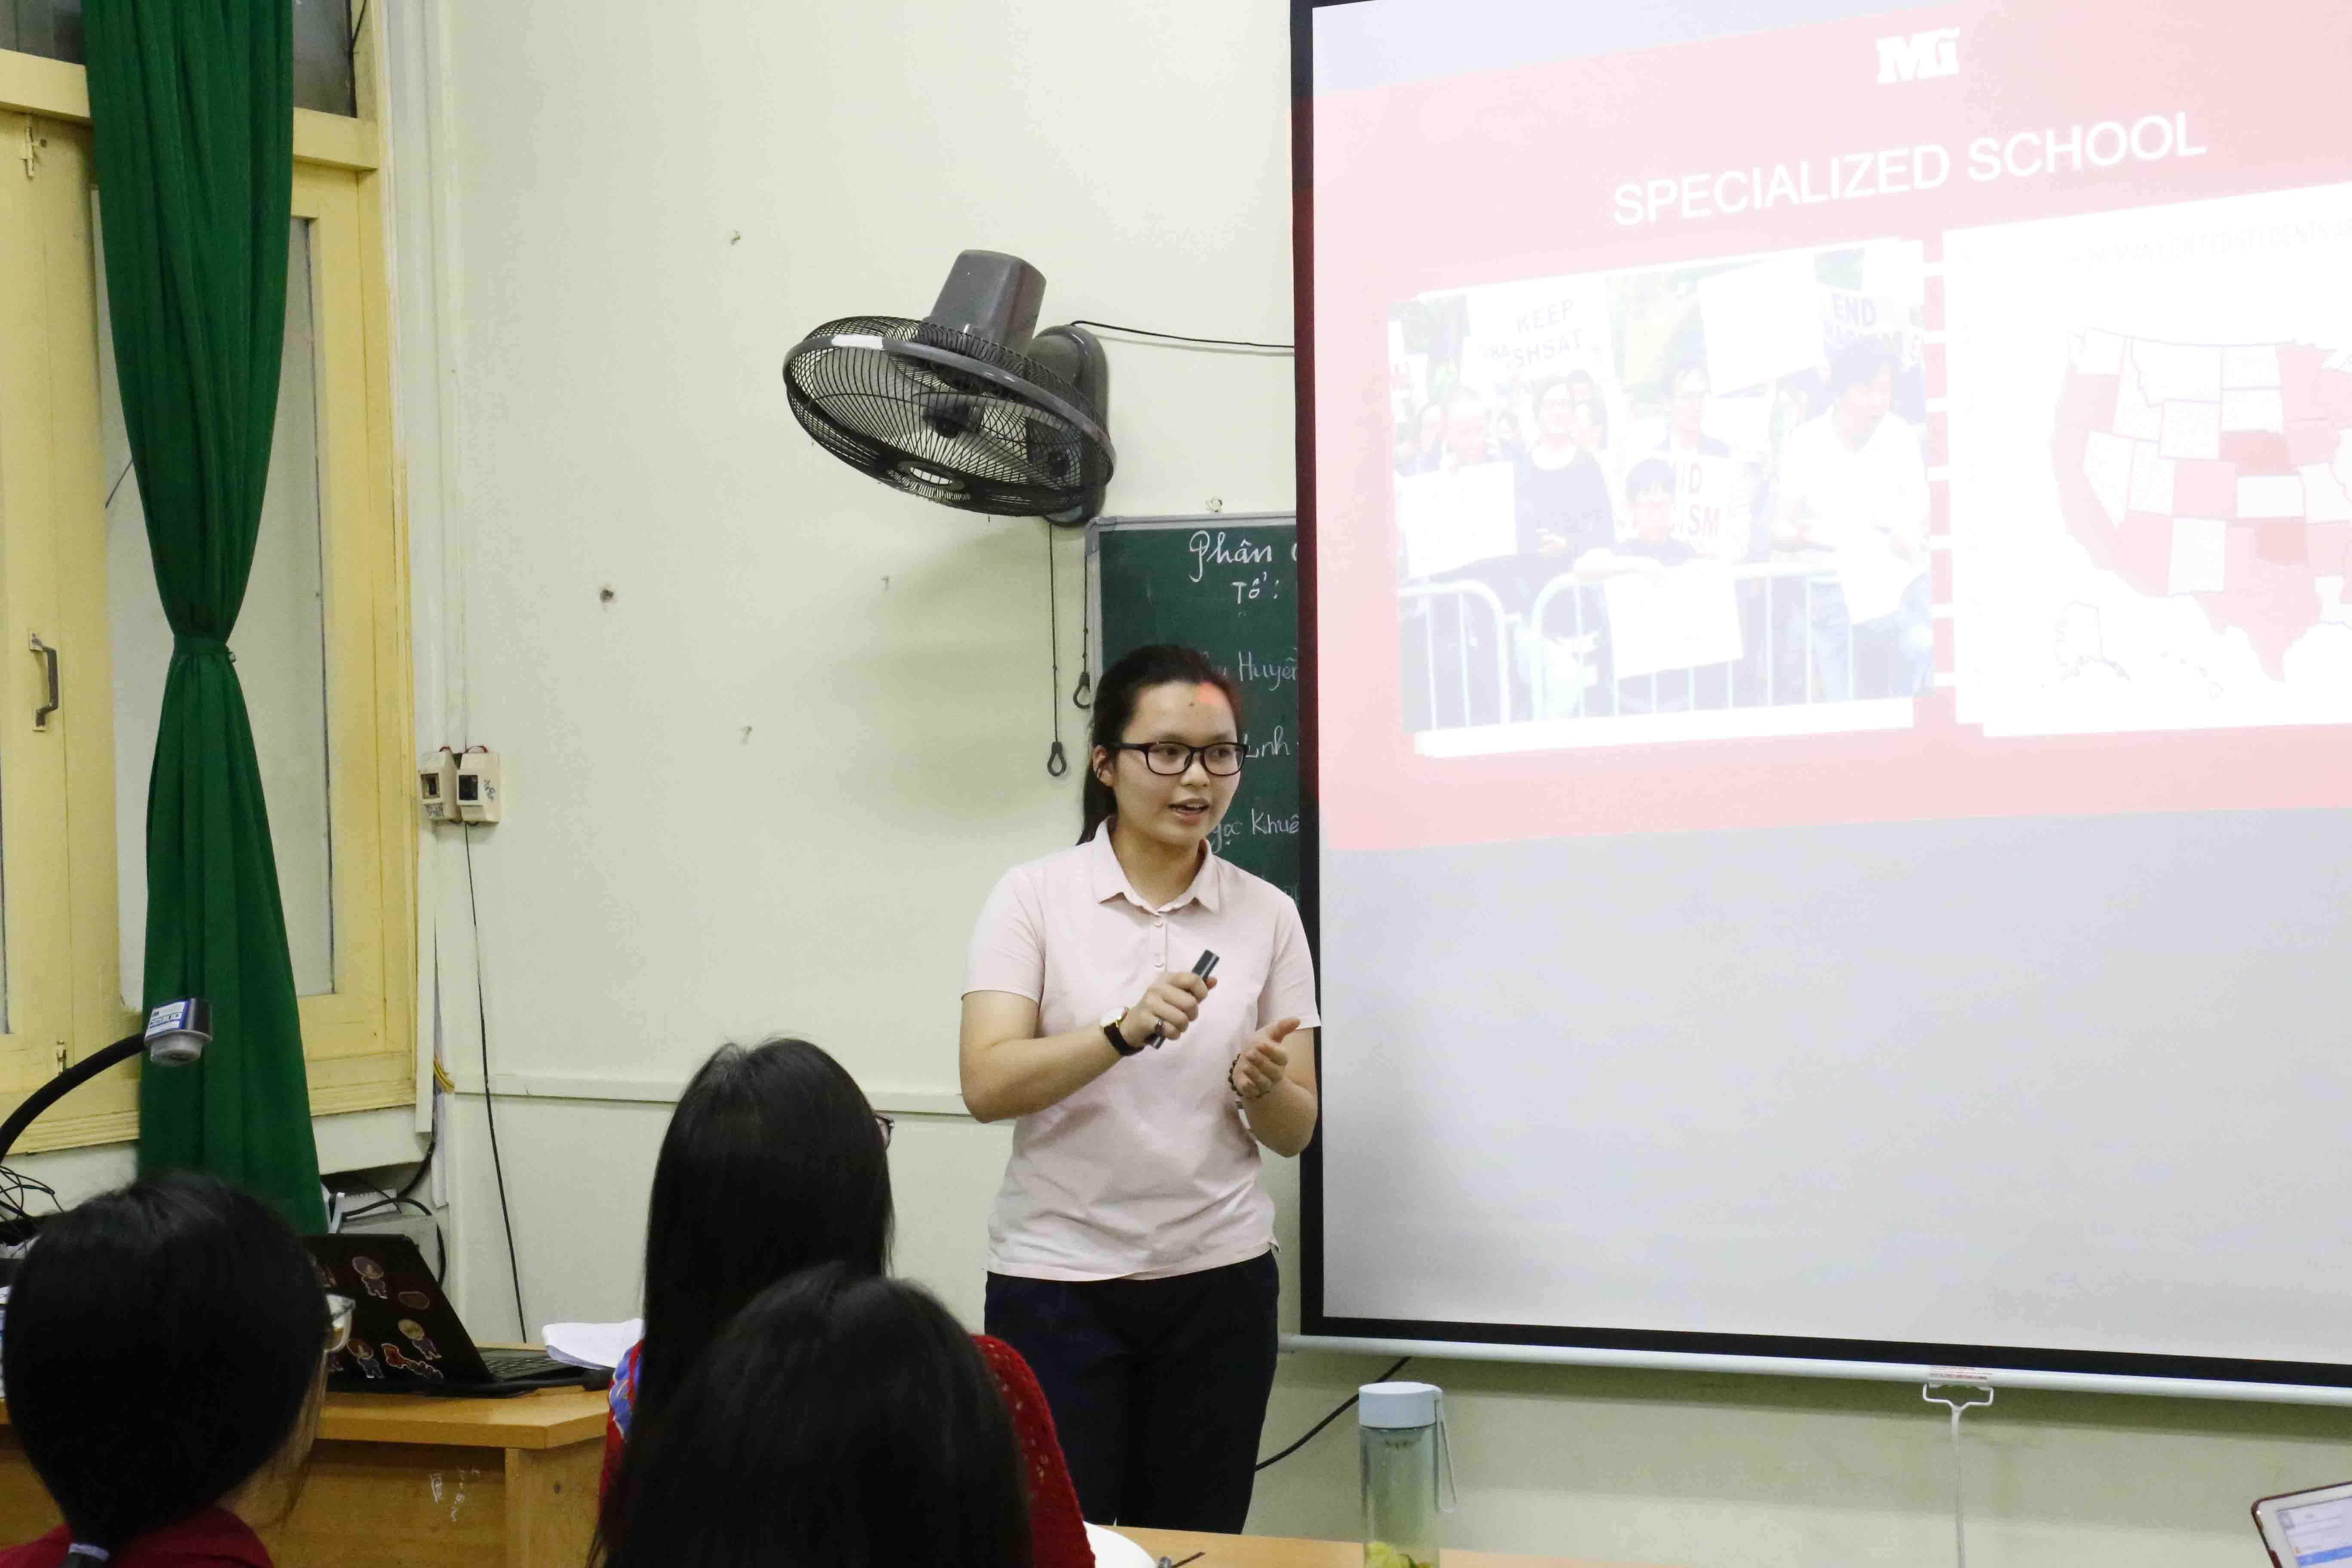 Đỗ Quyên thuyết trình tại Diễn đàn Giáo dục Việt Nam - Vietnam Educamp, Hà Nội, 14/11/2020. Ảnh: BTC